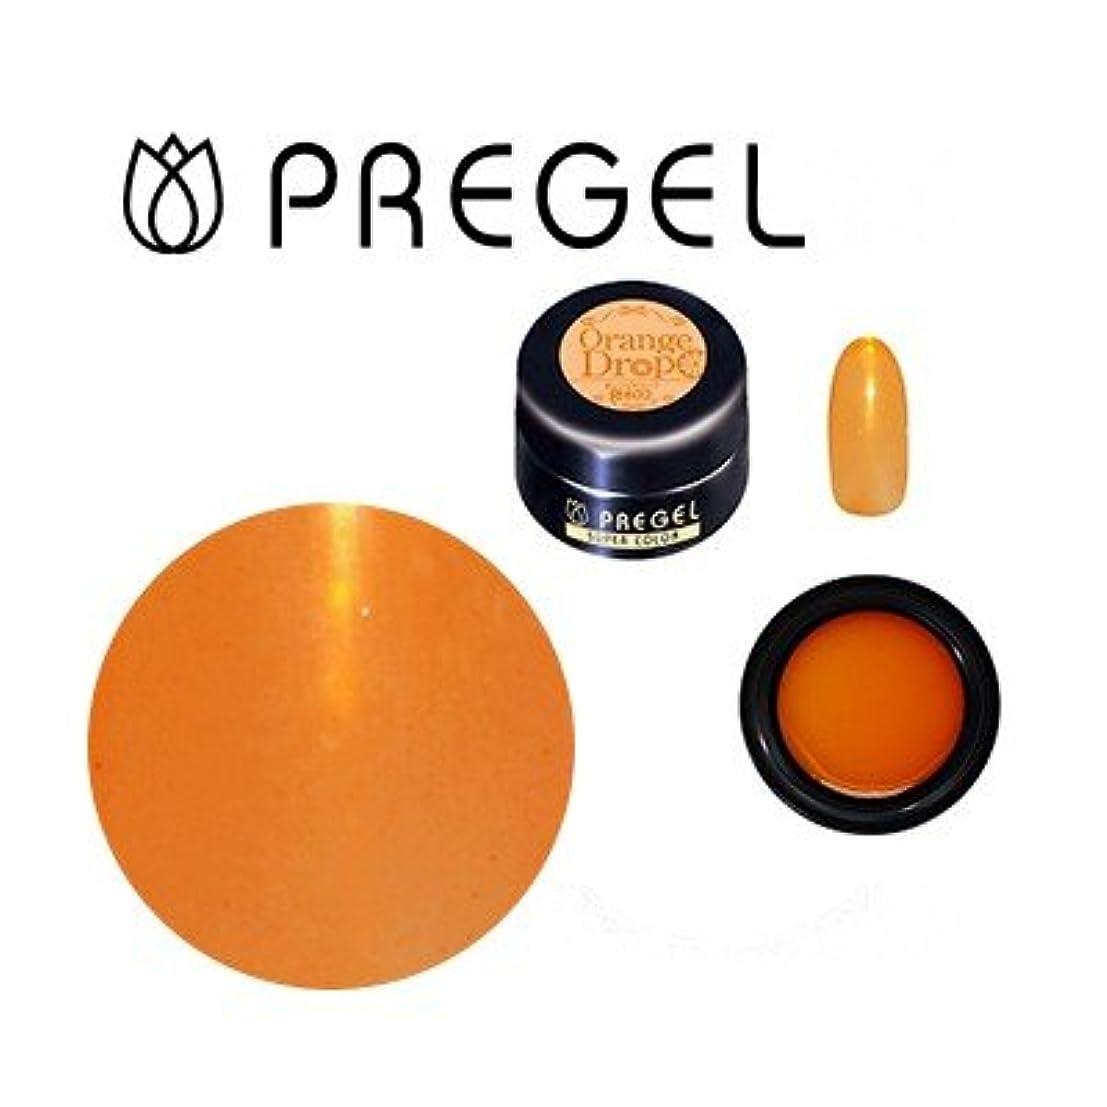 返済スプーン特徴づけるプリジェル ジェルネイル スーパーカラーEXオレンジドロップ802